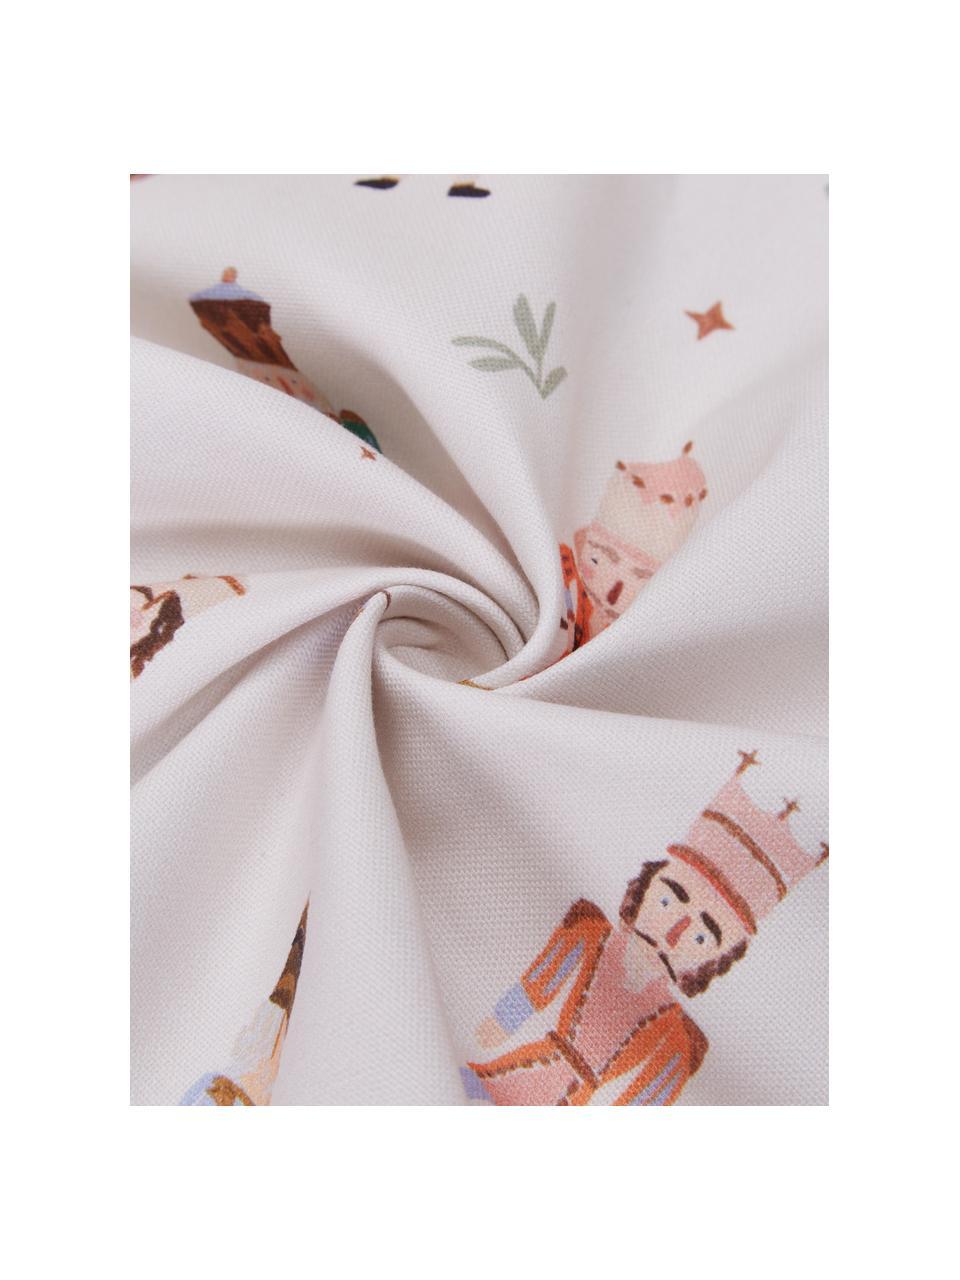 Designer Wende-Kissenhüllen-Set Nutcracker von Candice Gray, 2-tlg., 100% Baumwolle, GOTS zertifiziert, Mehrfarbig, 45 x 45 cm